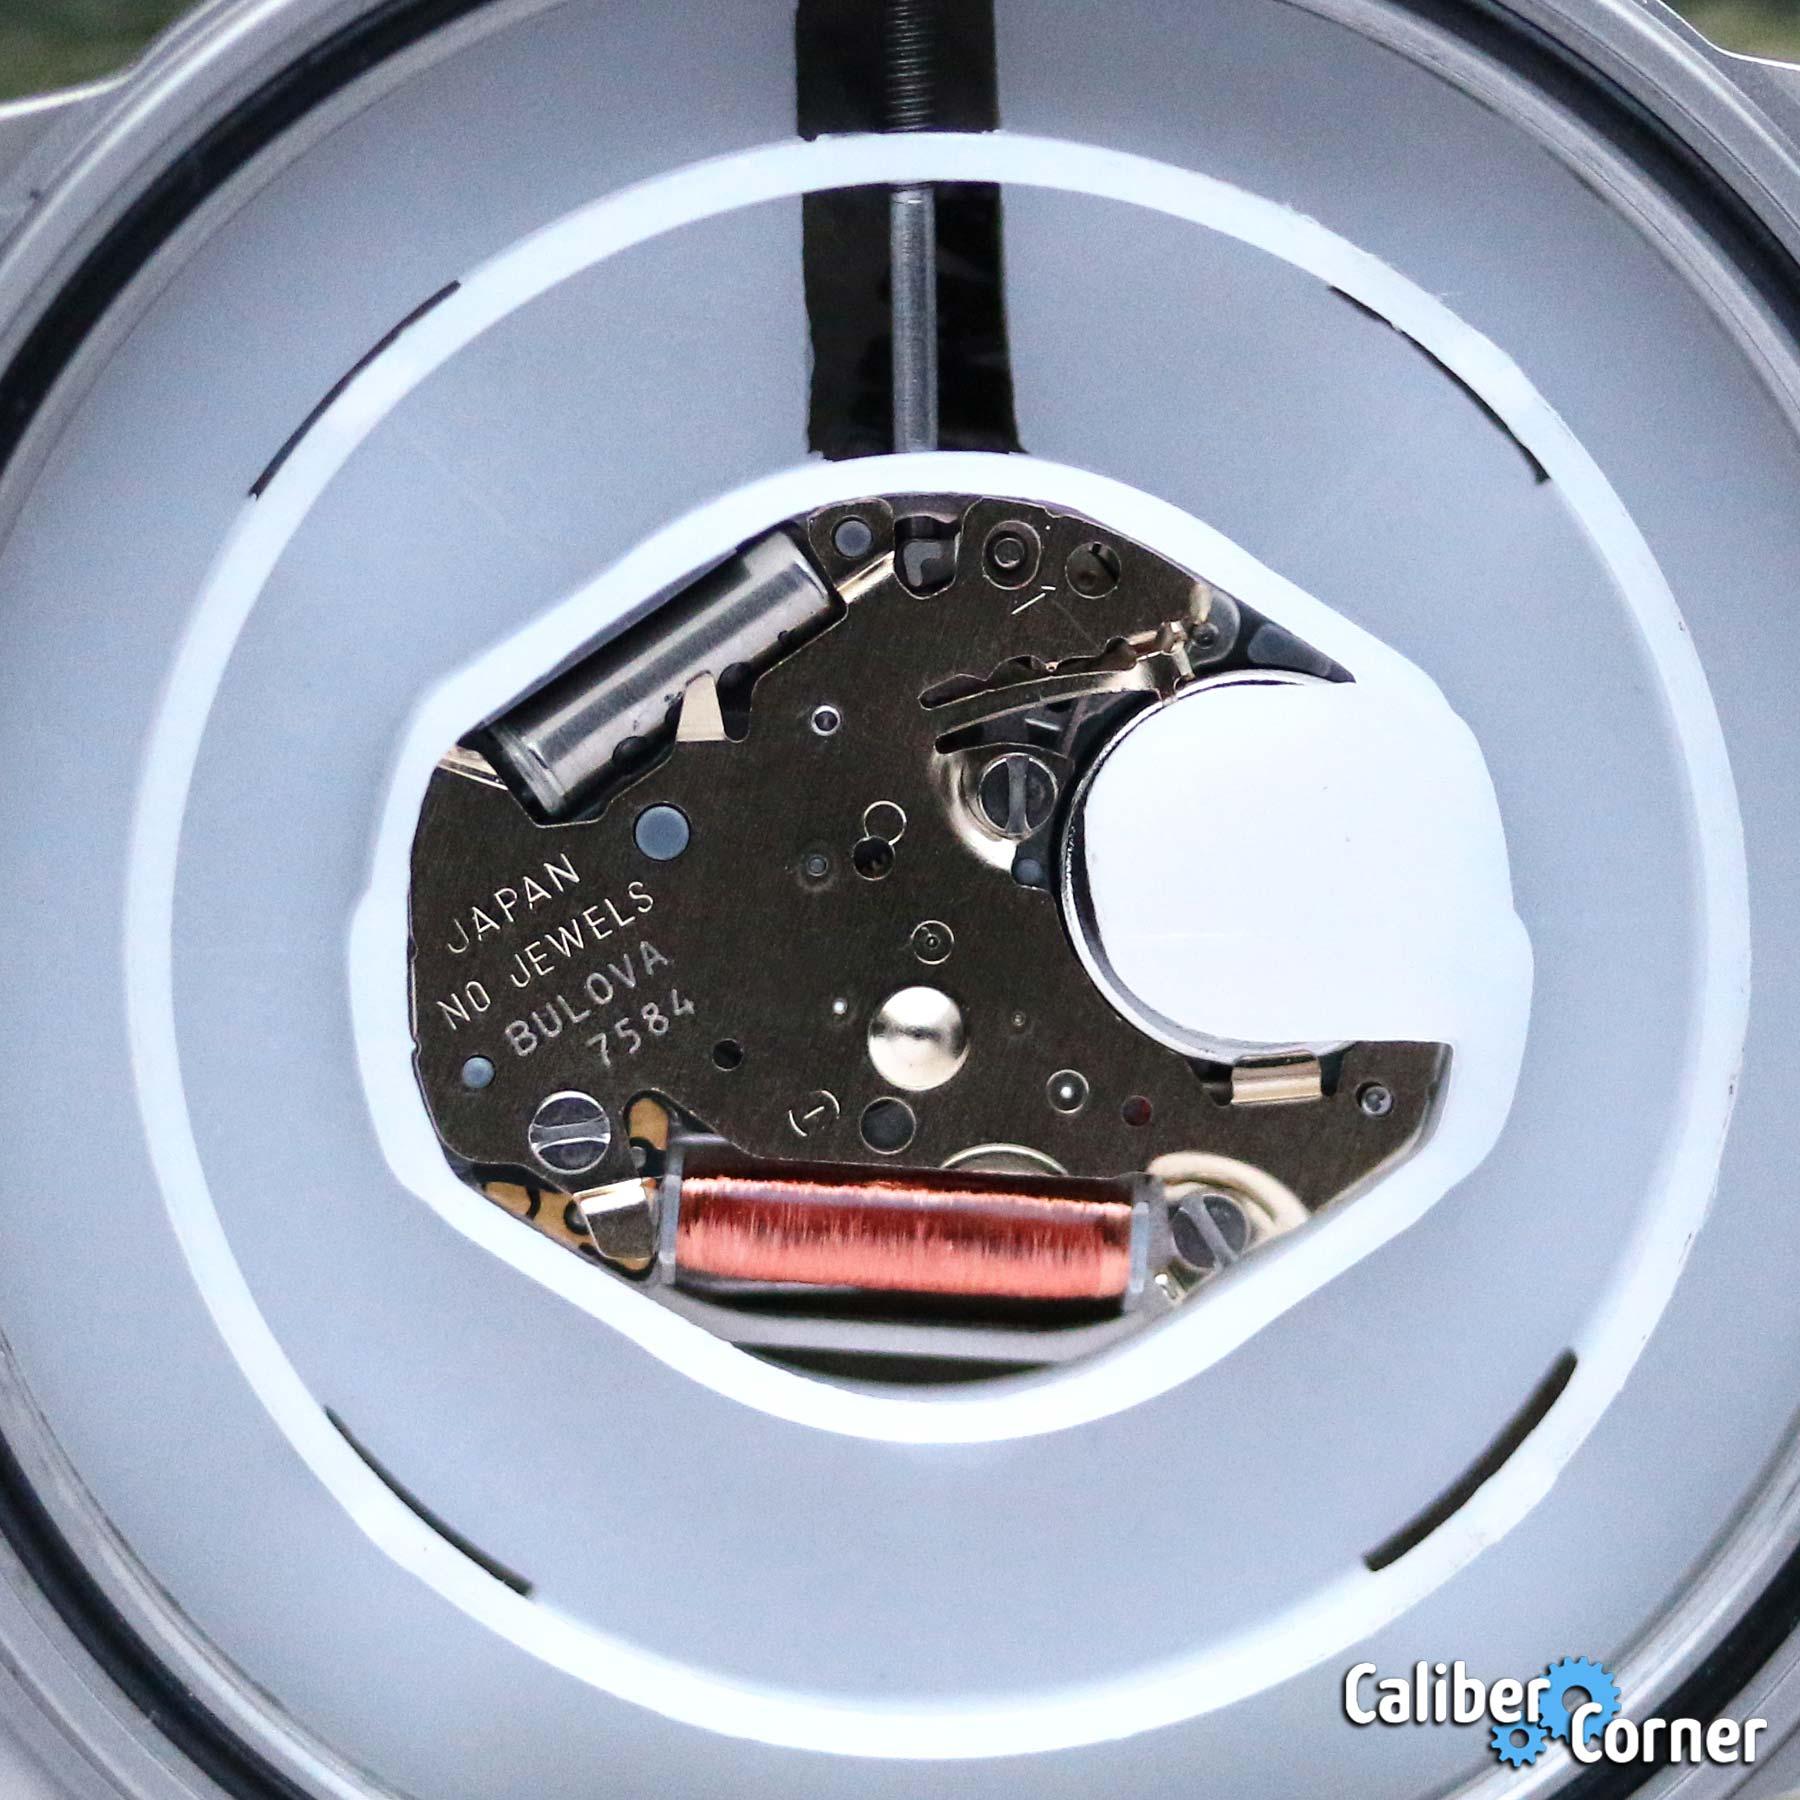 Bulova Caliber 7584 Plastic Holder